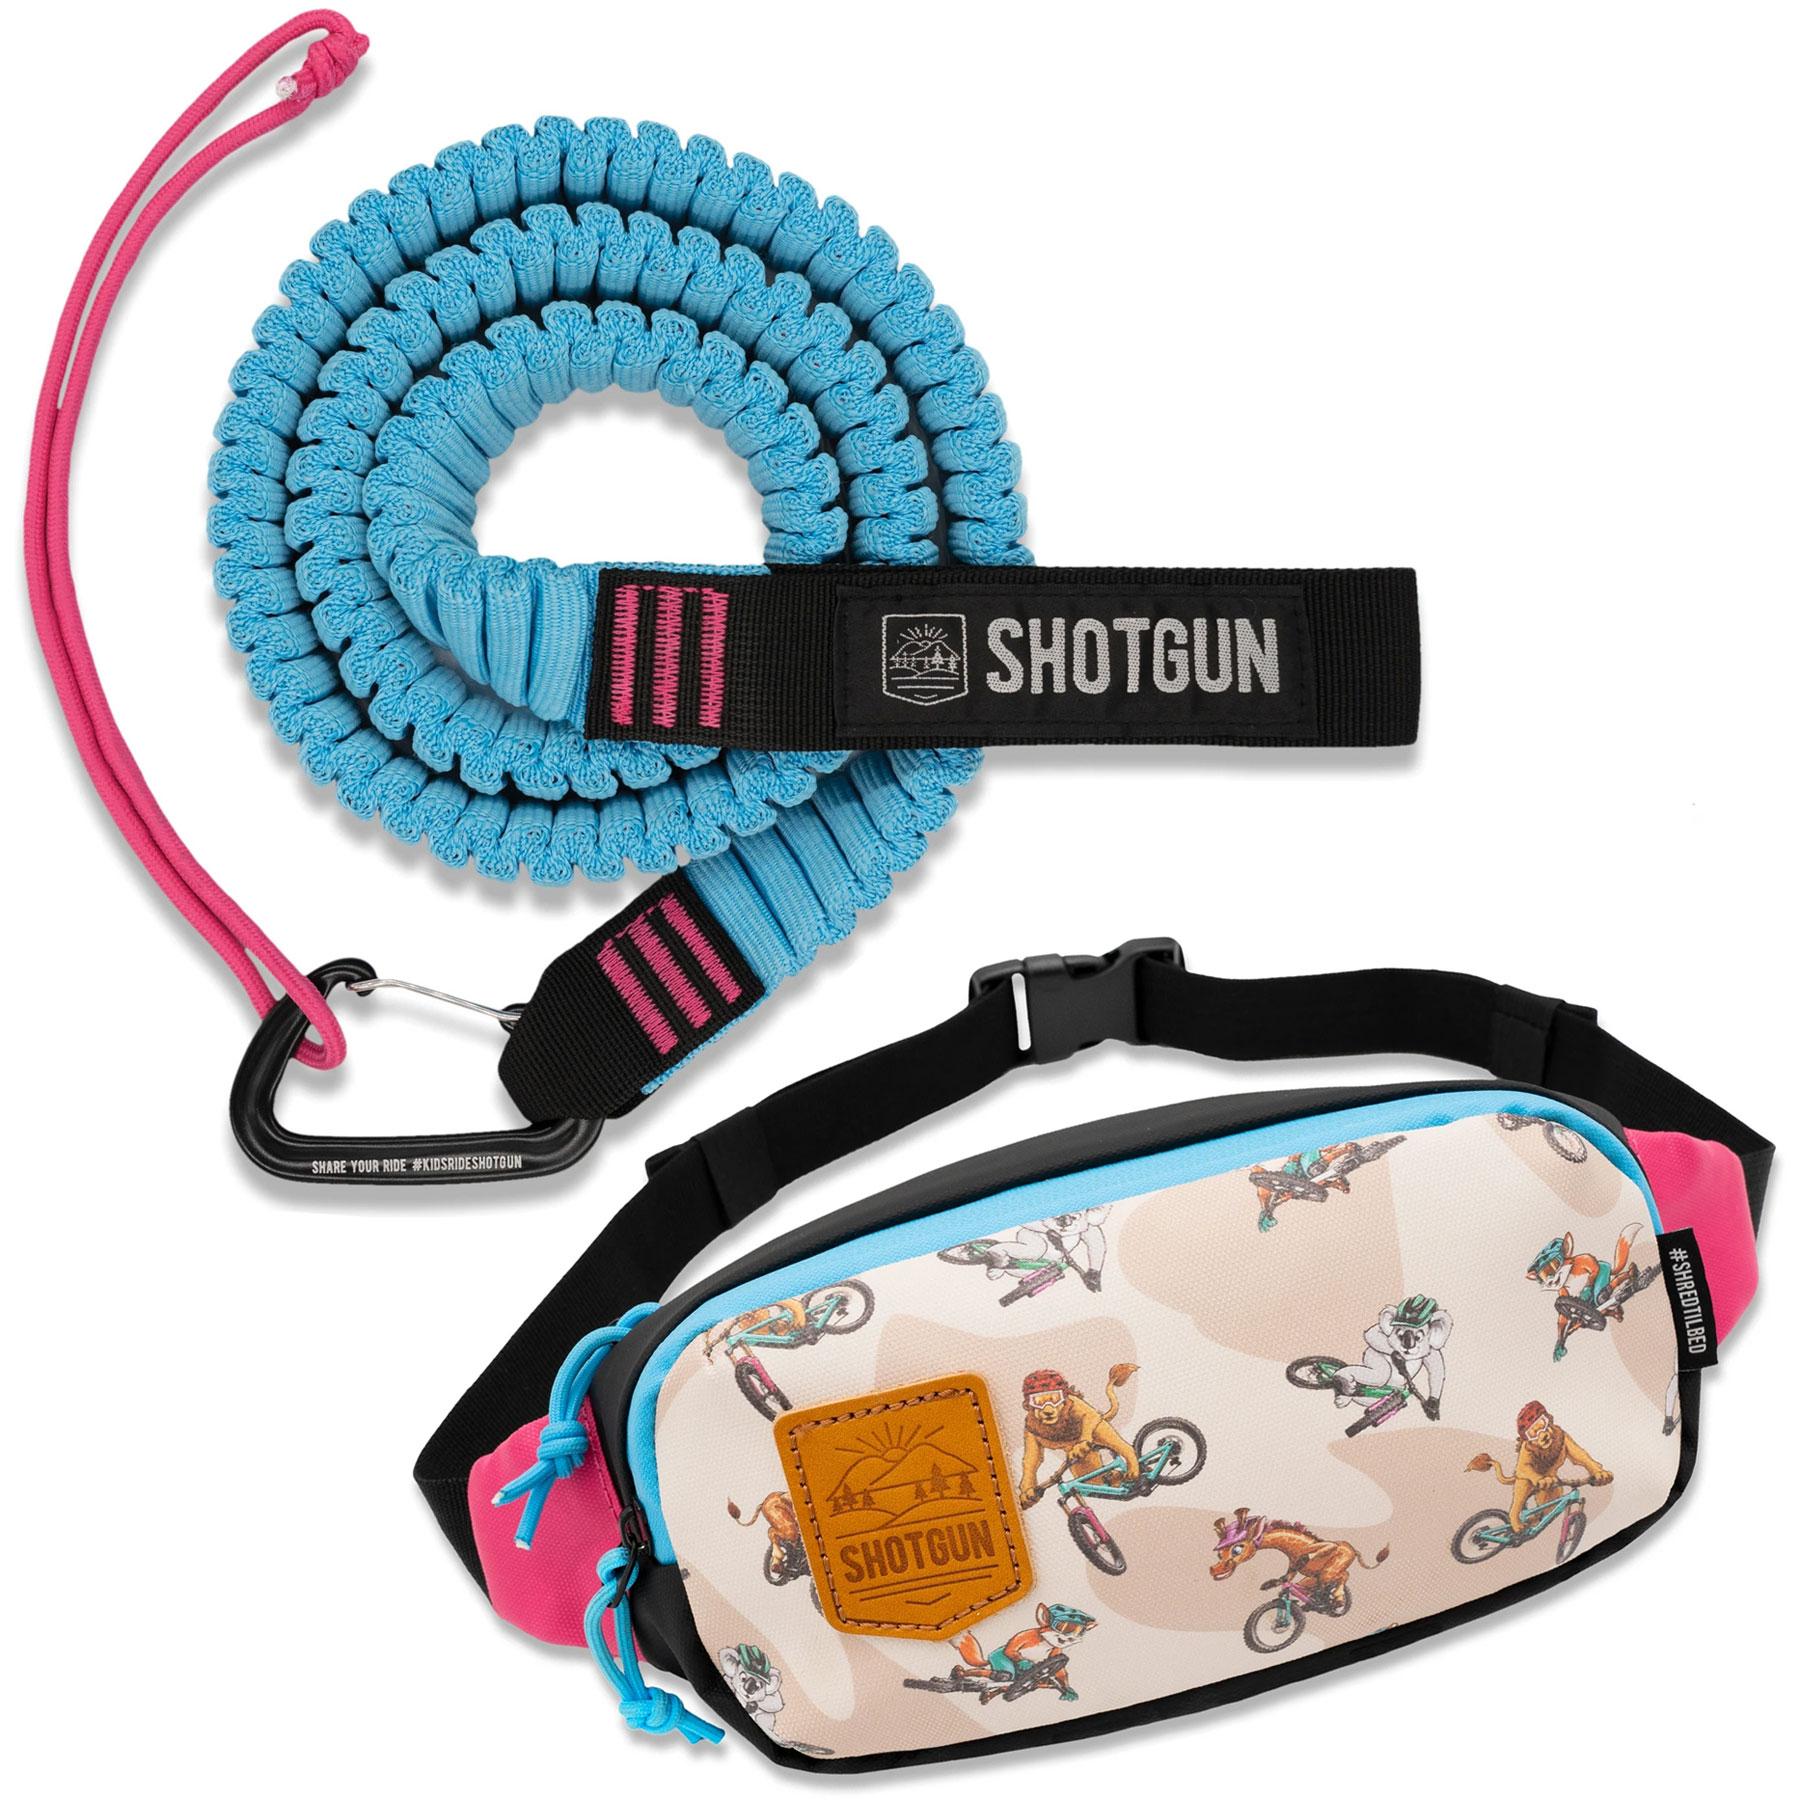 shotgun-mtb-tow-rope